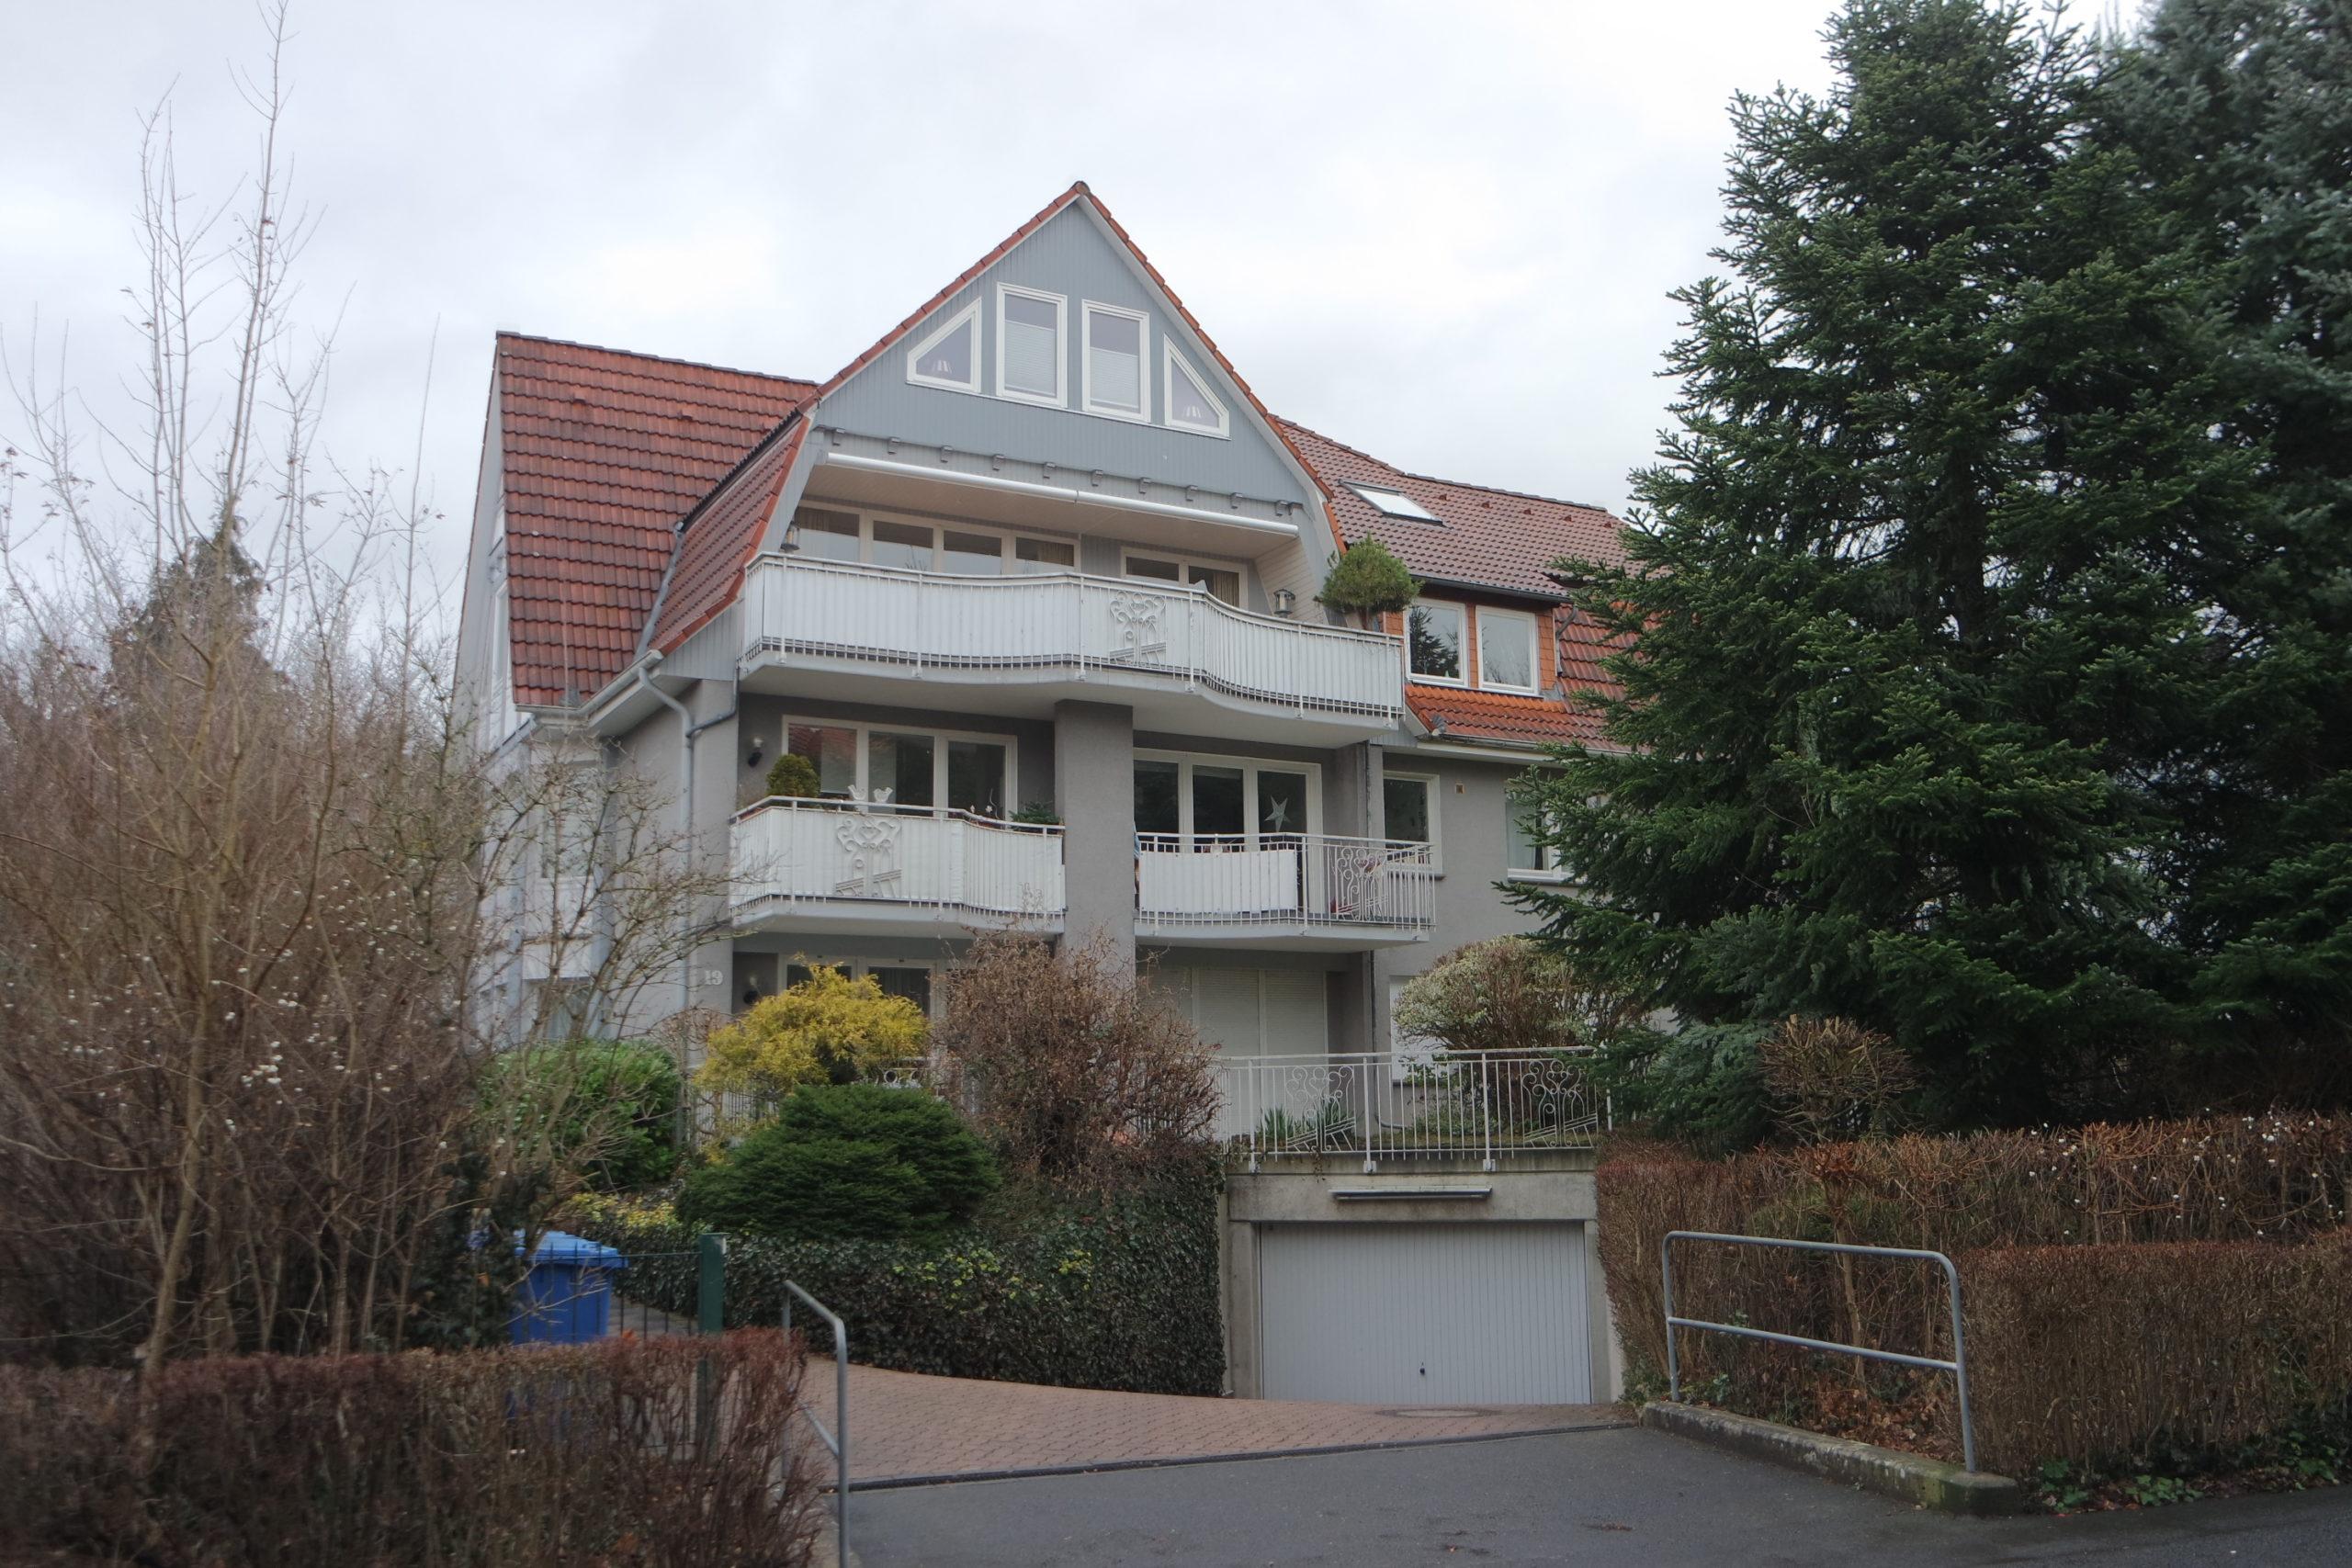 Frontansicht des Hauses im Hainholzweg 19 in Göttingen. Foto: Daniel Erdmann, 2020.